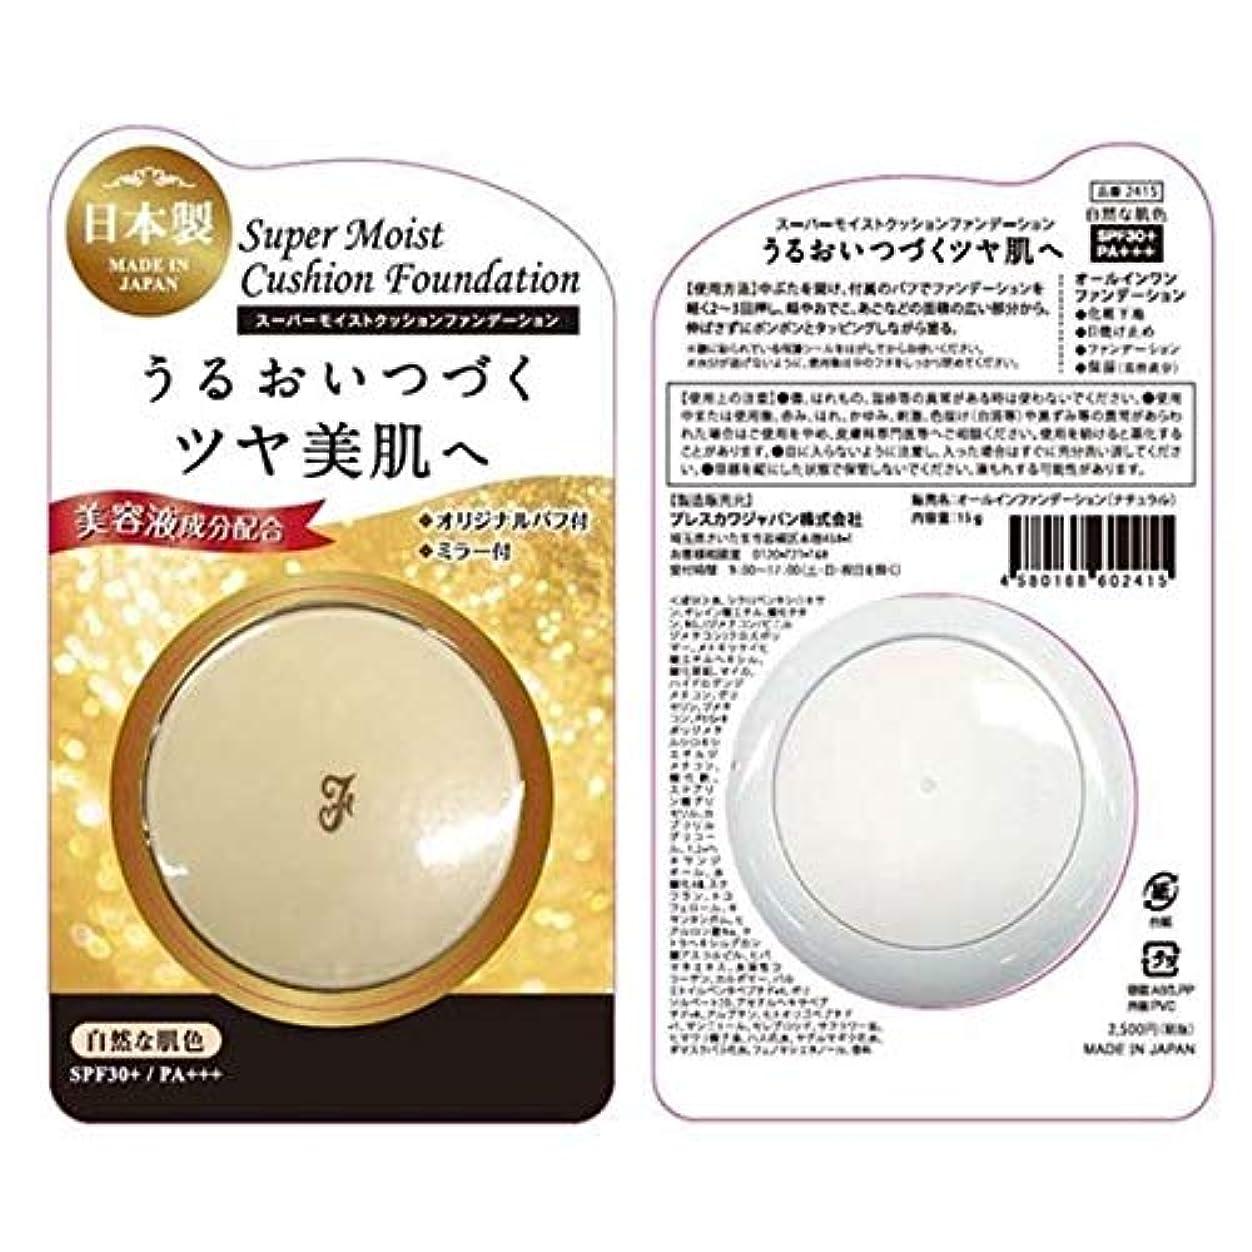 複雑でないシャイニング警報日本製●クッションファンデーション SPF30+ PA+++ 新色 自然な肌色 さらっとした使い心地 コスメ しっとりなめらか ファンデ